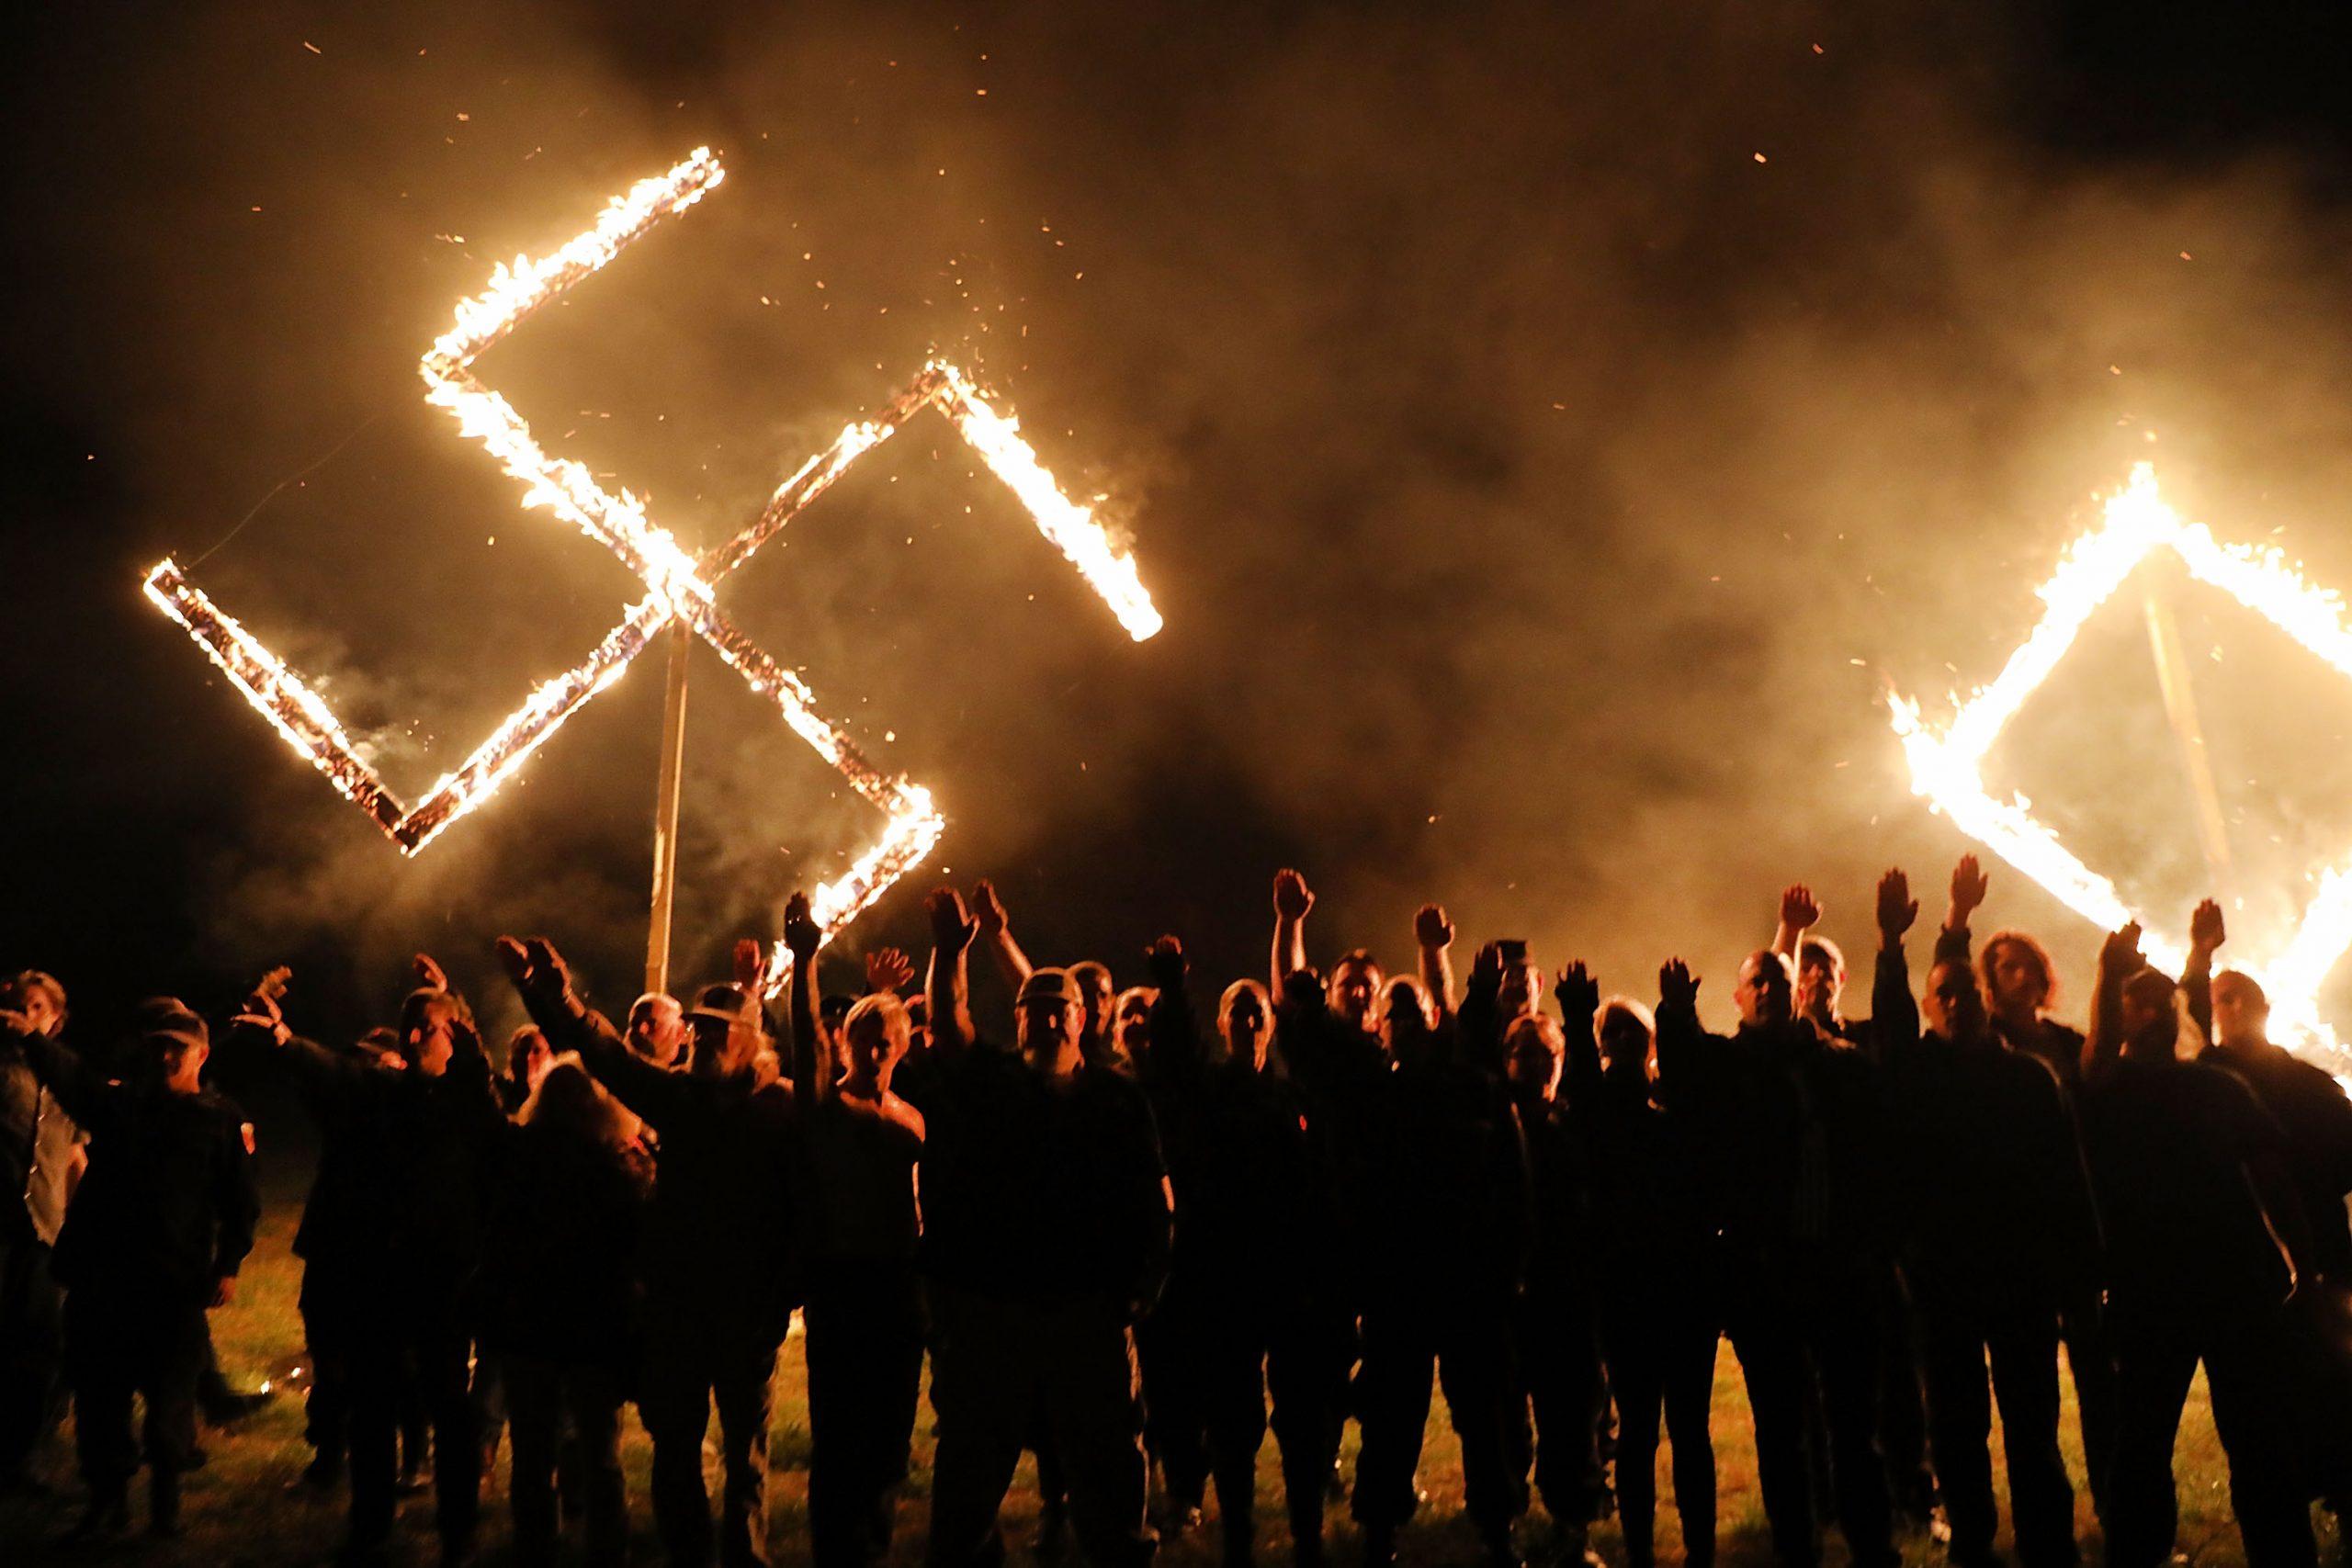 Quando acordou, Hitler ainda estava lá: massacres raciais revivem o terror na Alemanha